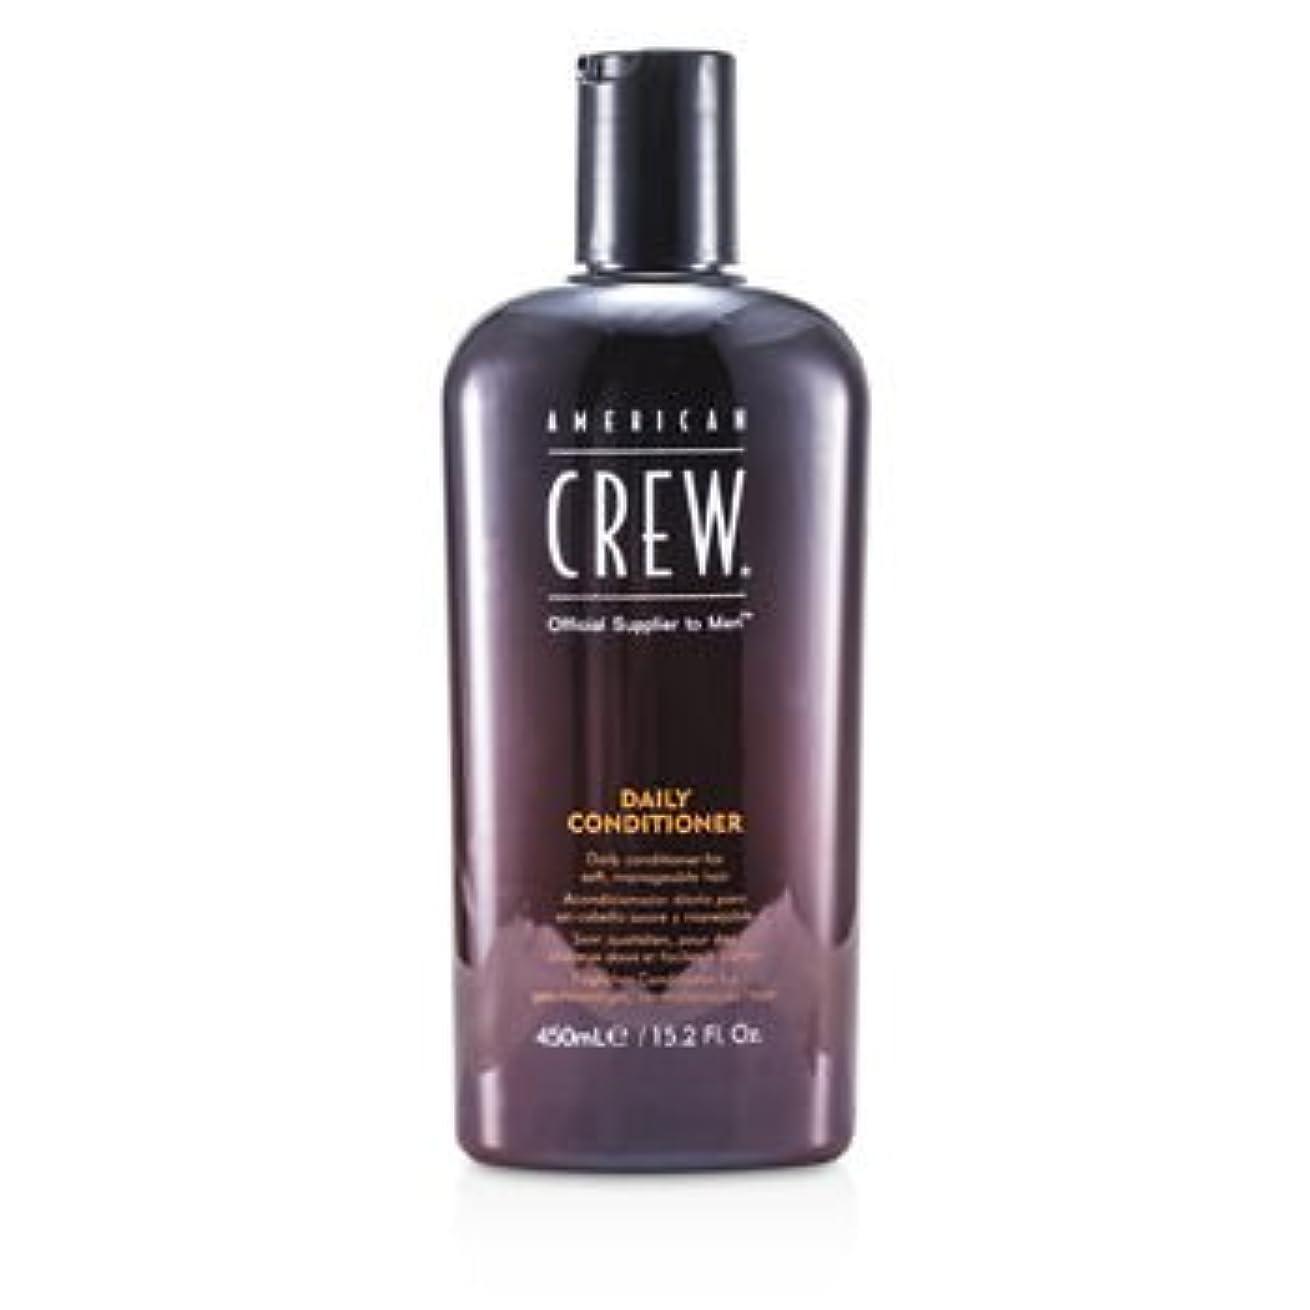 ミュートトピック大きなスケールで見ると[American Crew] Men Daily Conditioner (For Soft Manageable Hair) 450ml/15.2oz